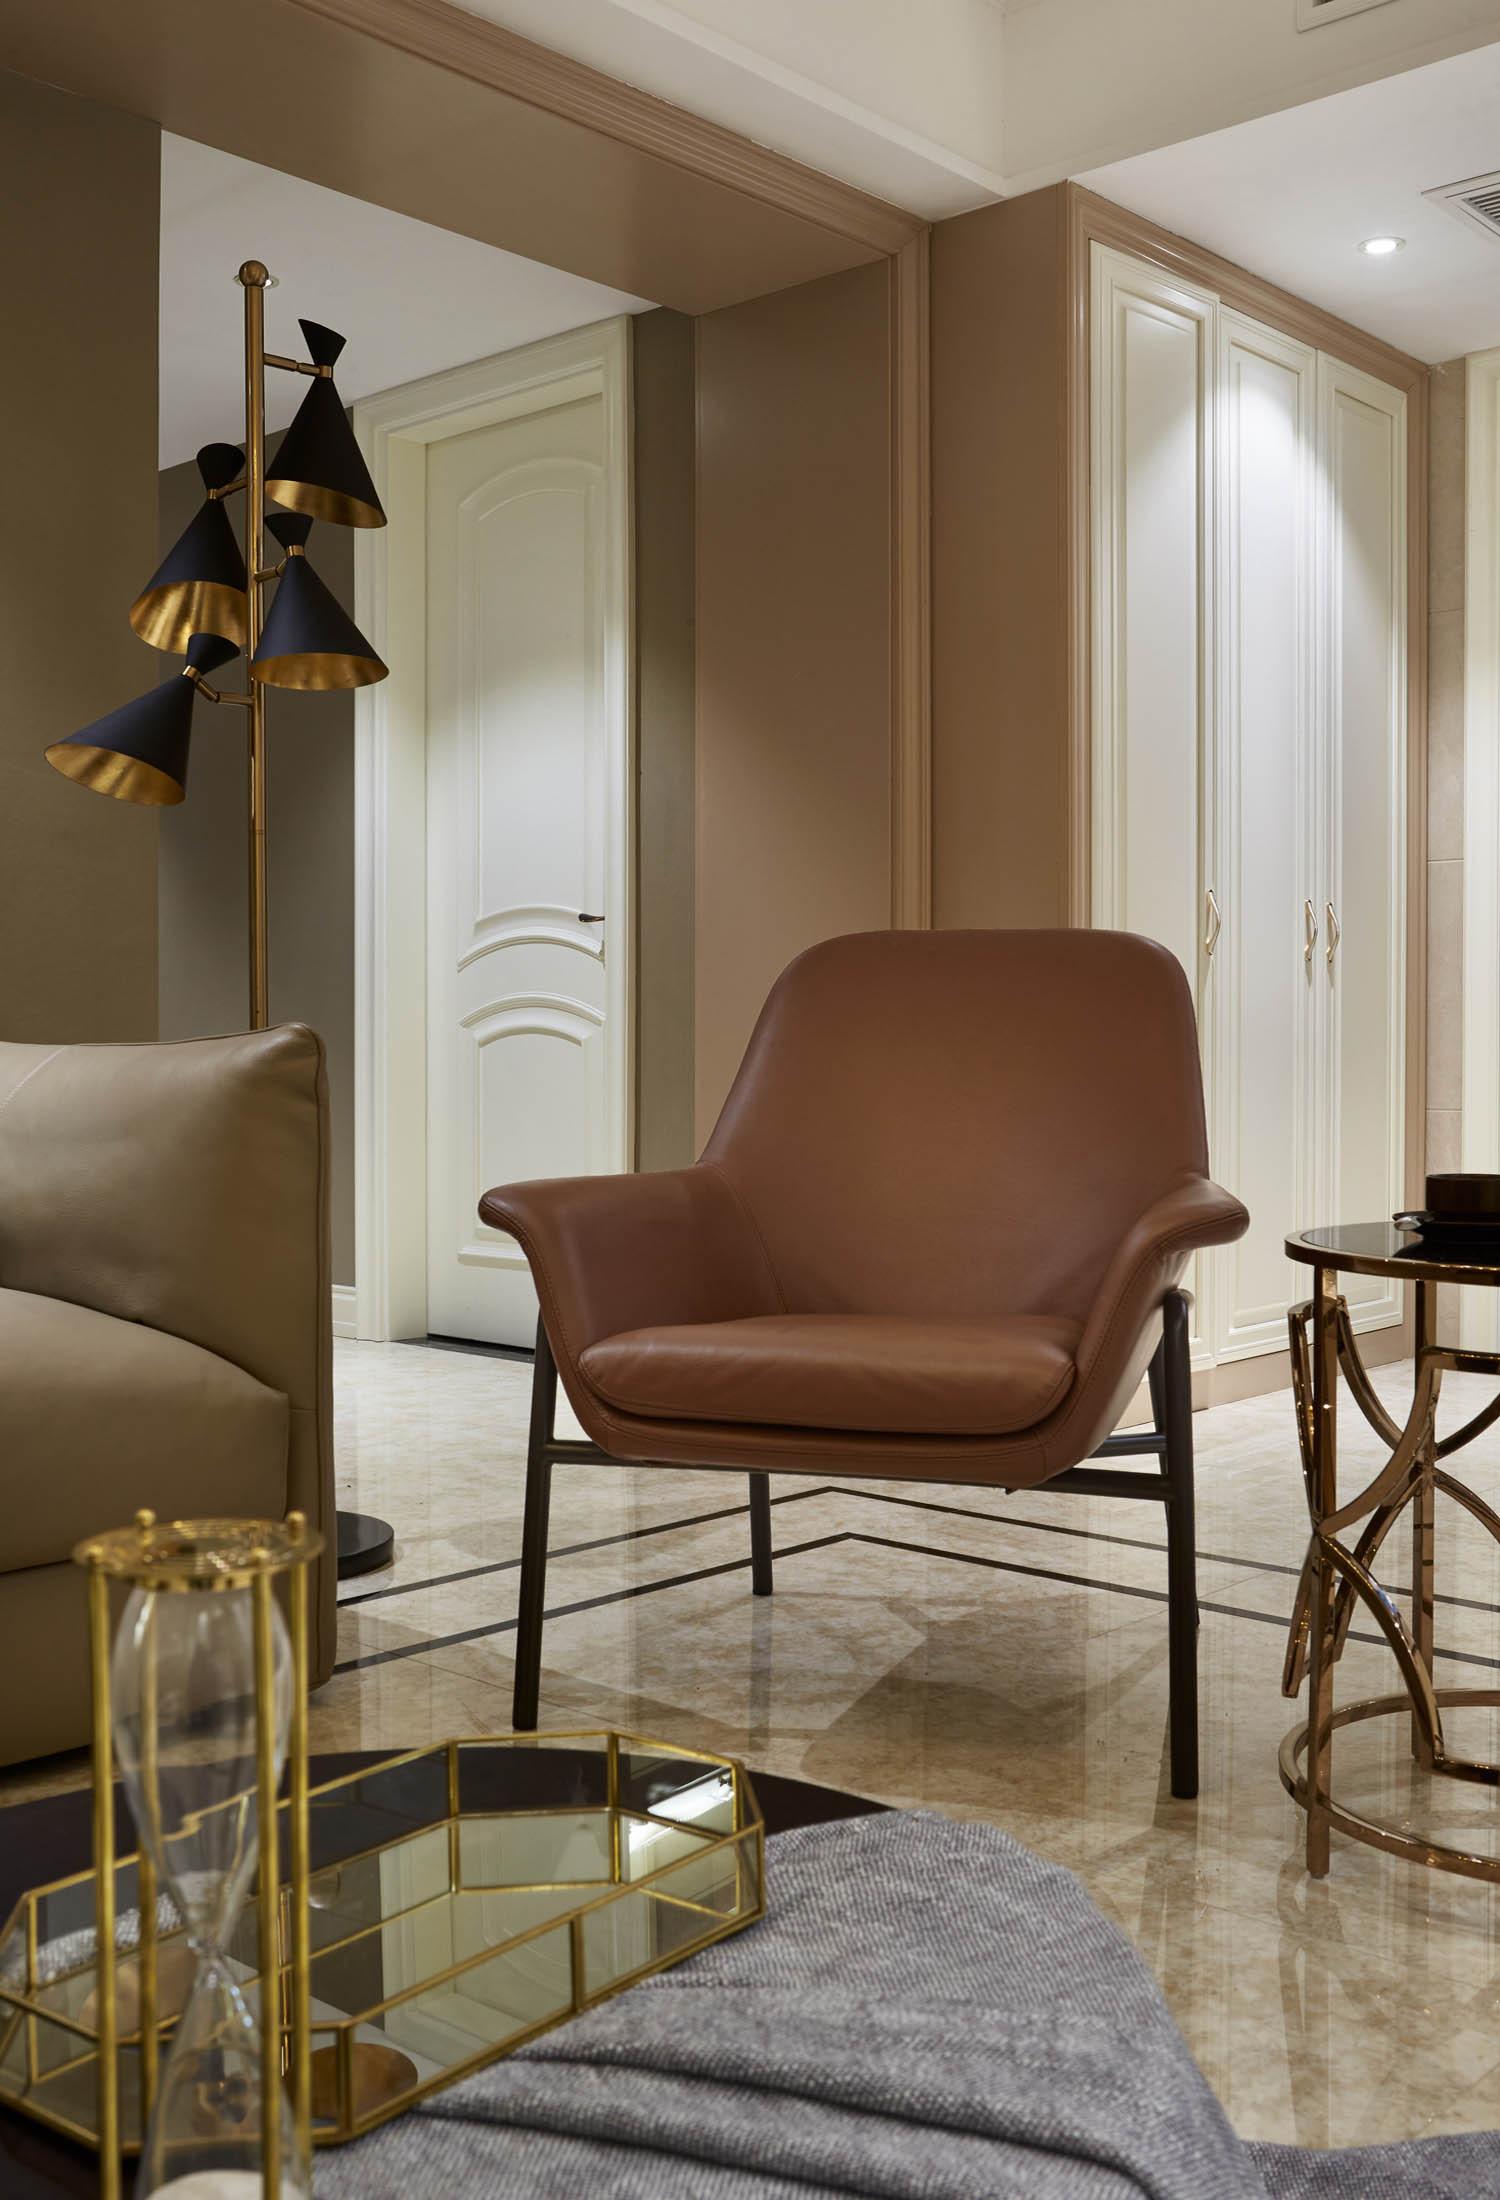 130㎡现代简约装修椅子图片